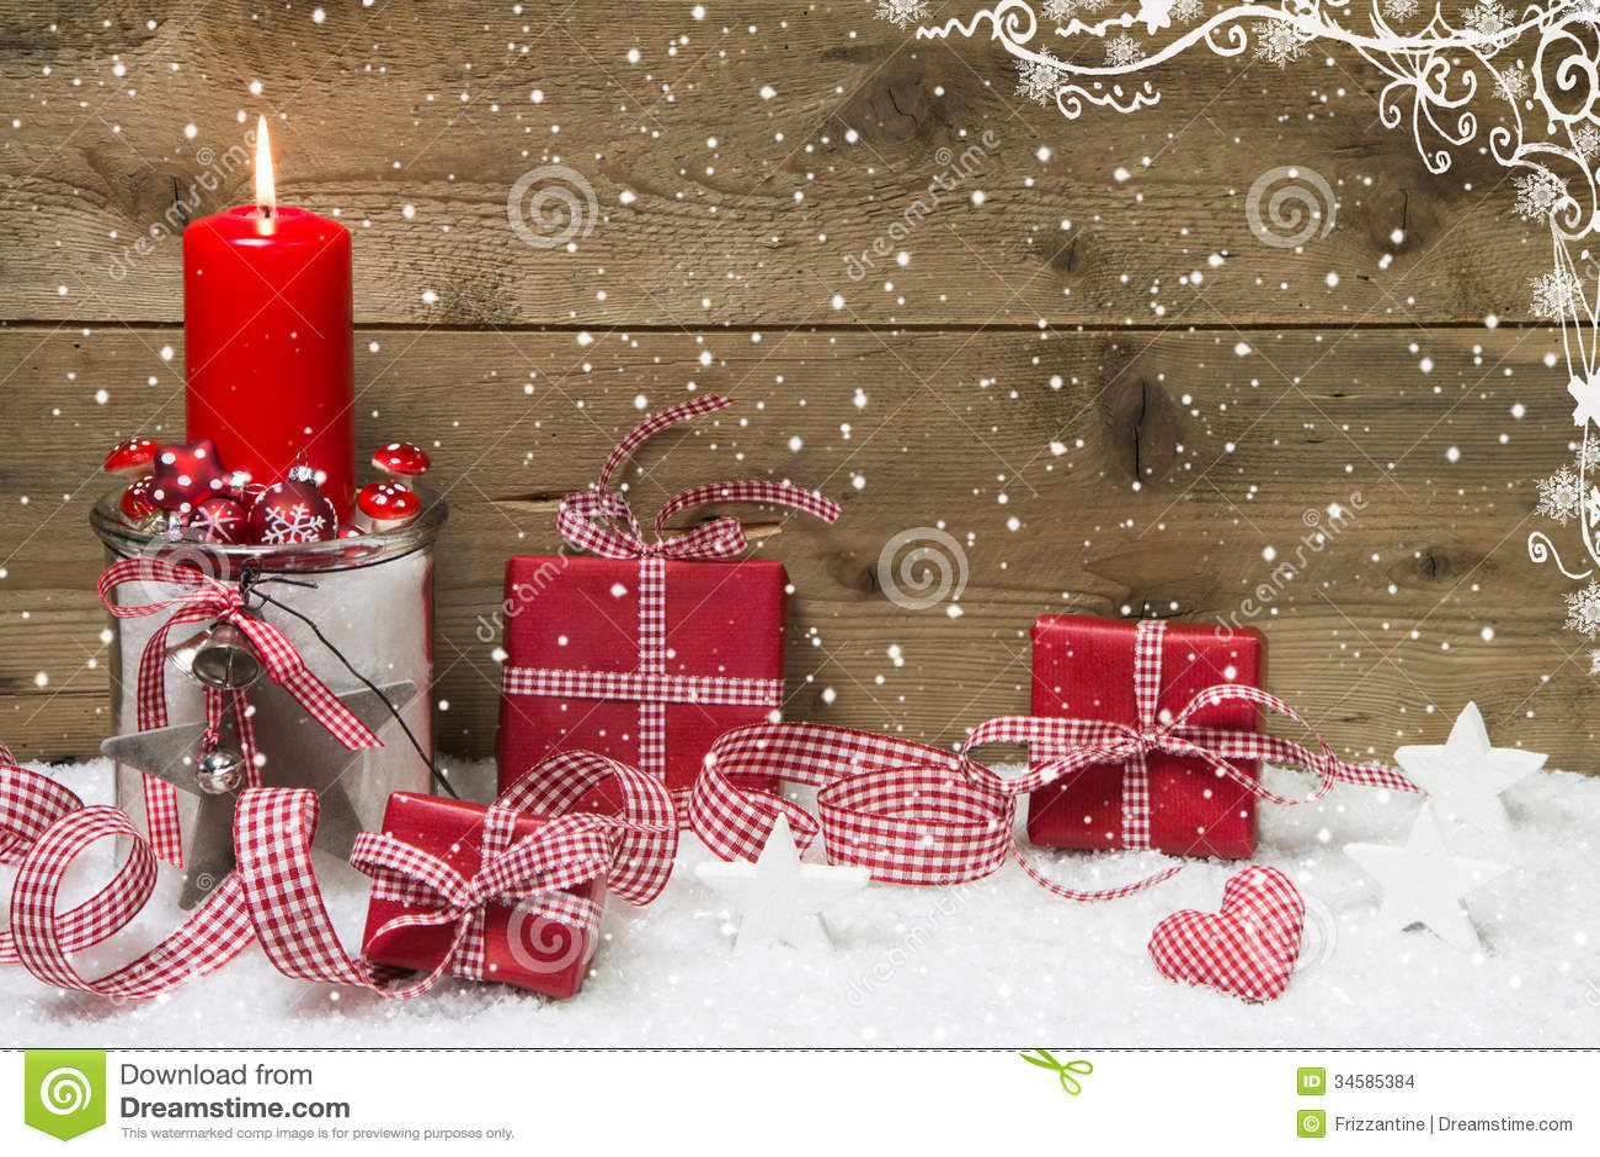 Weihnachtskarten download bilder19 - Weihnachtskarten download ...